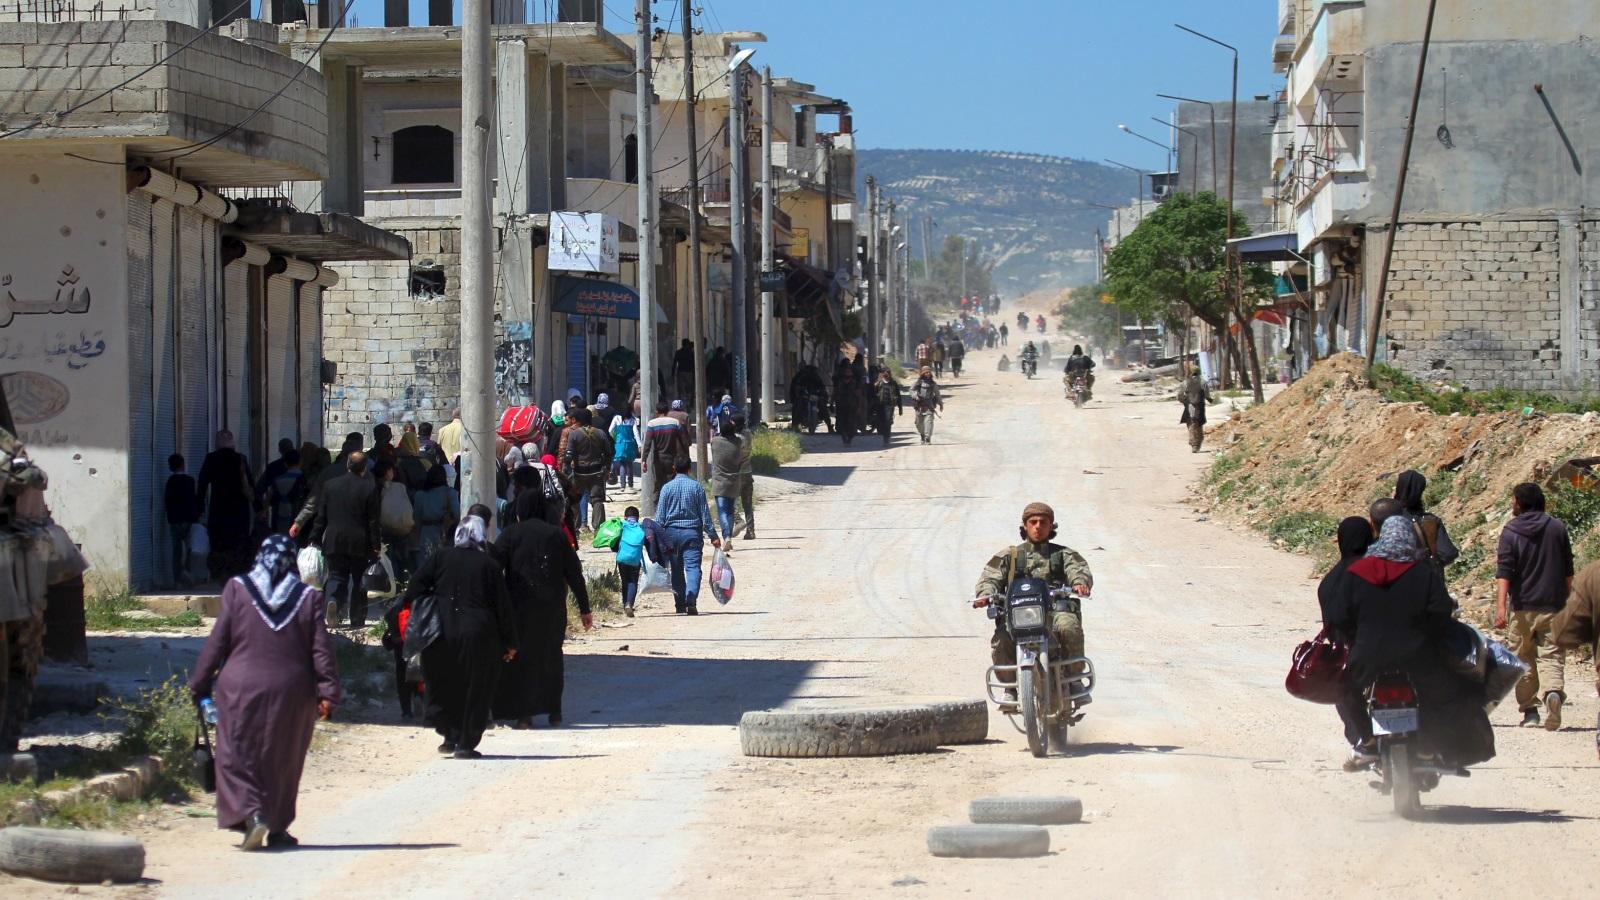 مصادر إعلامية: التوصل إلى اتفاق جديد بوقف القصف الروسي على إدلب ابتداء من الليلة